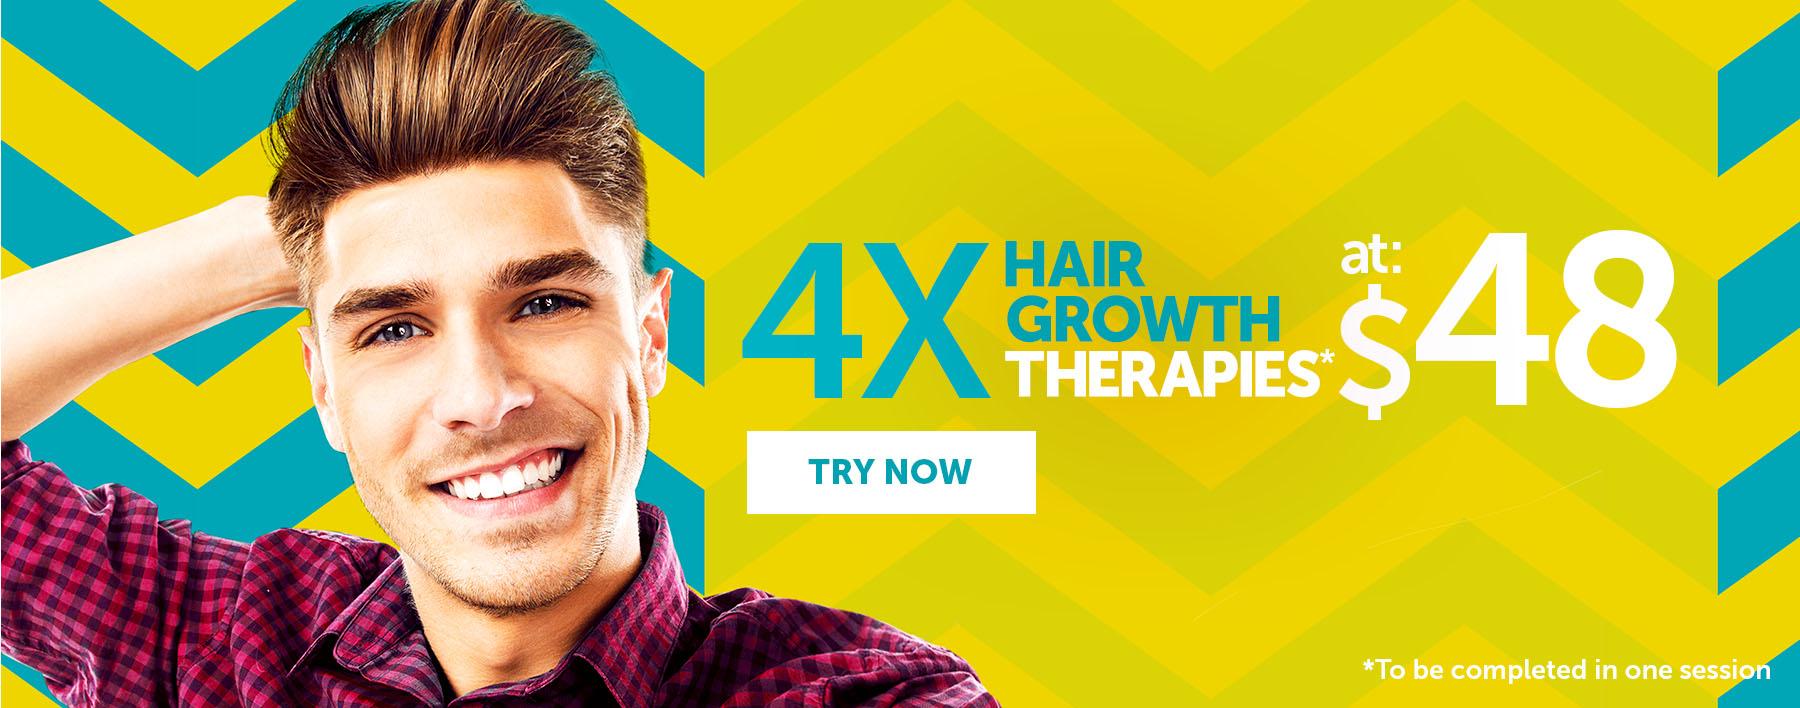 4 Hair Growth Therapies at $48